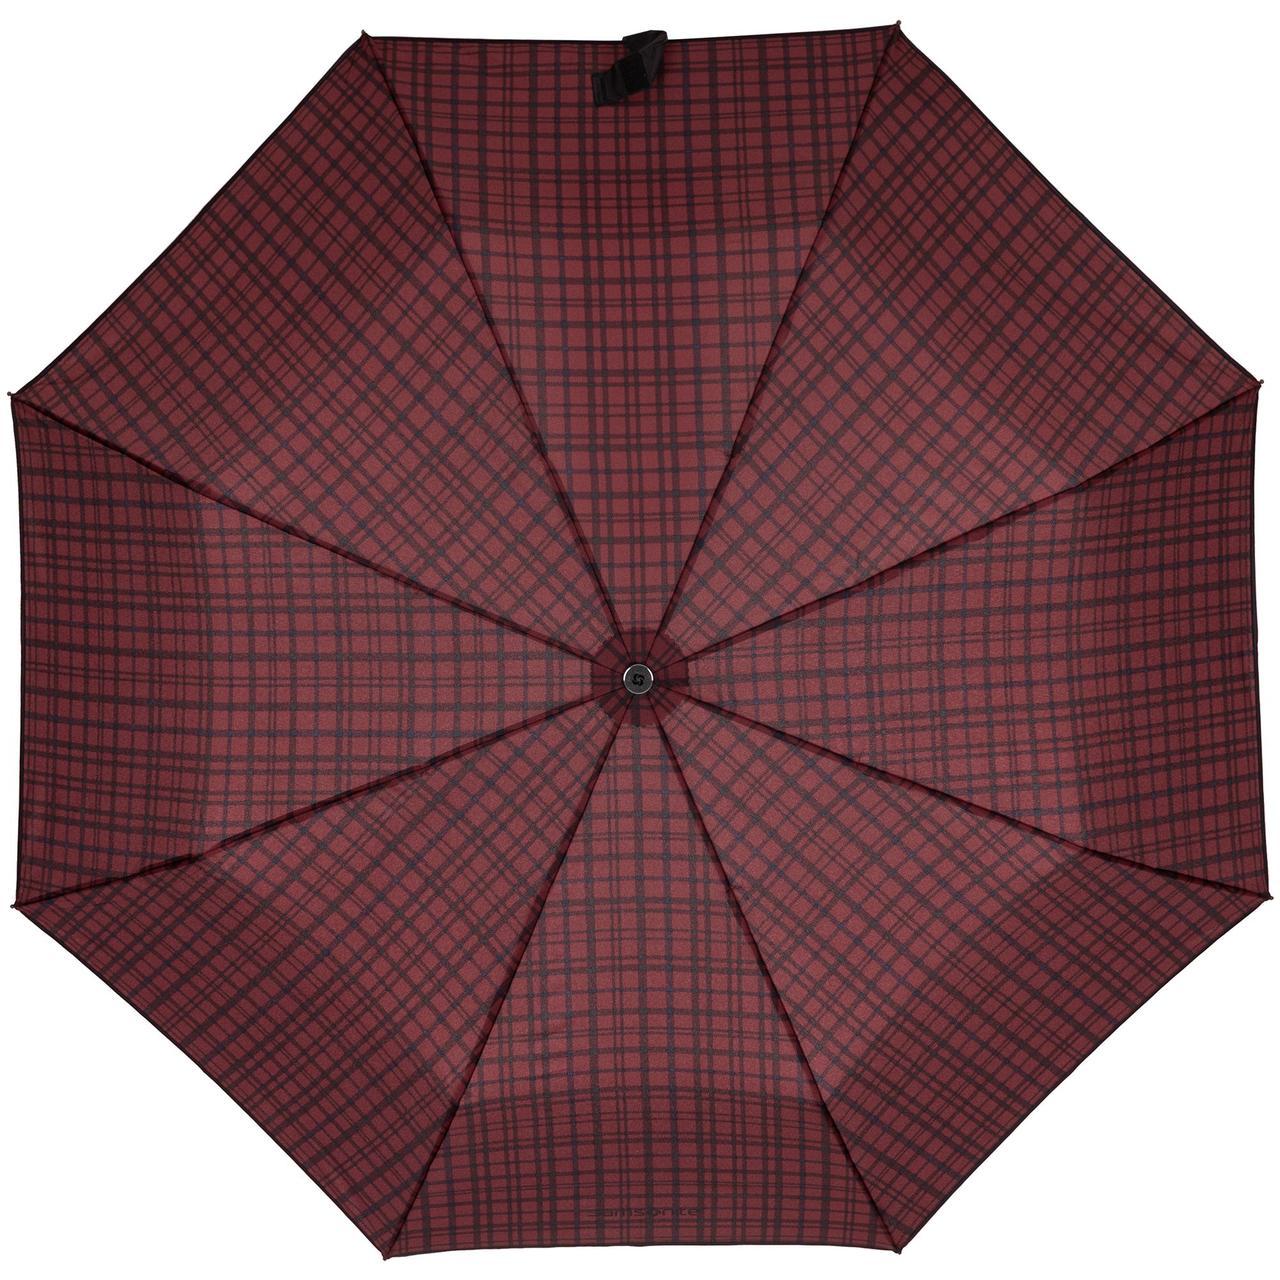 Складной зонт Wood Classic S, красный в клетку